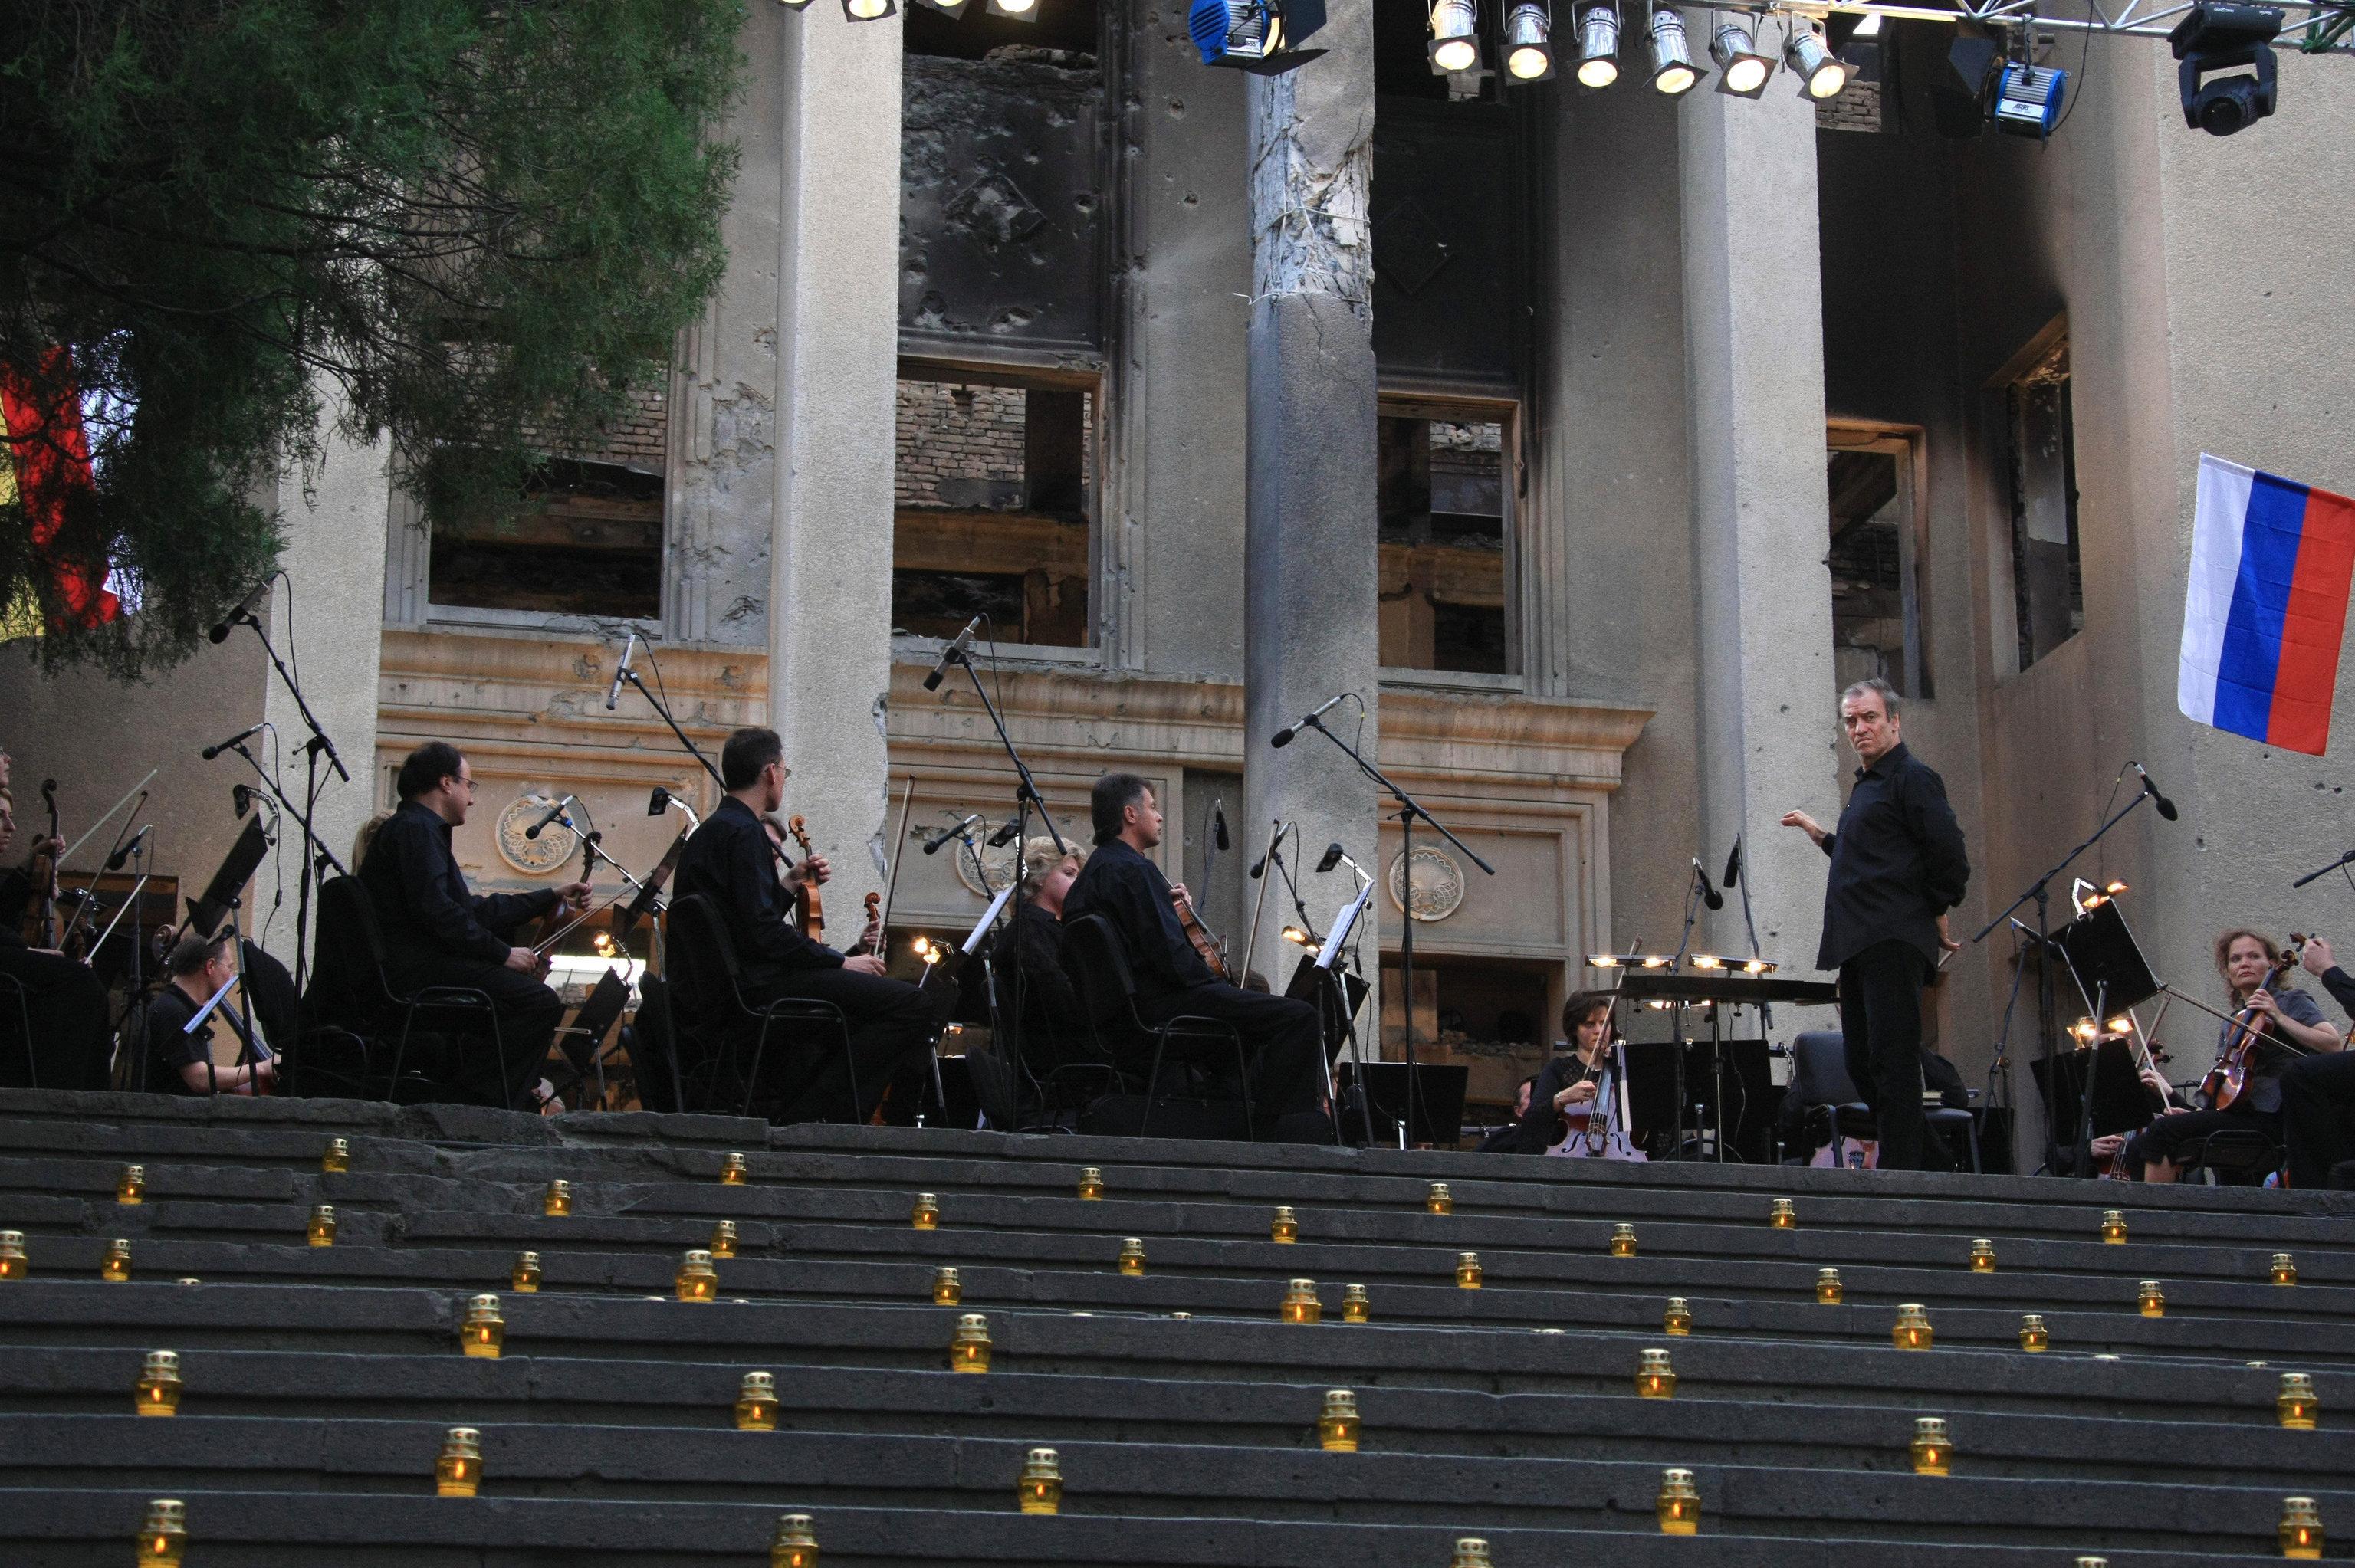 В Цхинвале прошел концерт Мариинского симфонического оркестра под управлением Валерия Гергиева